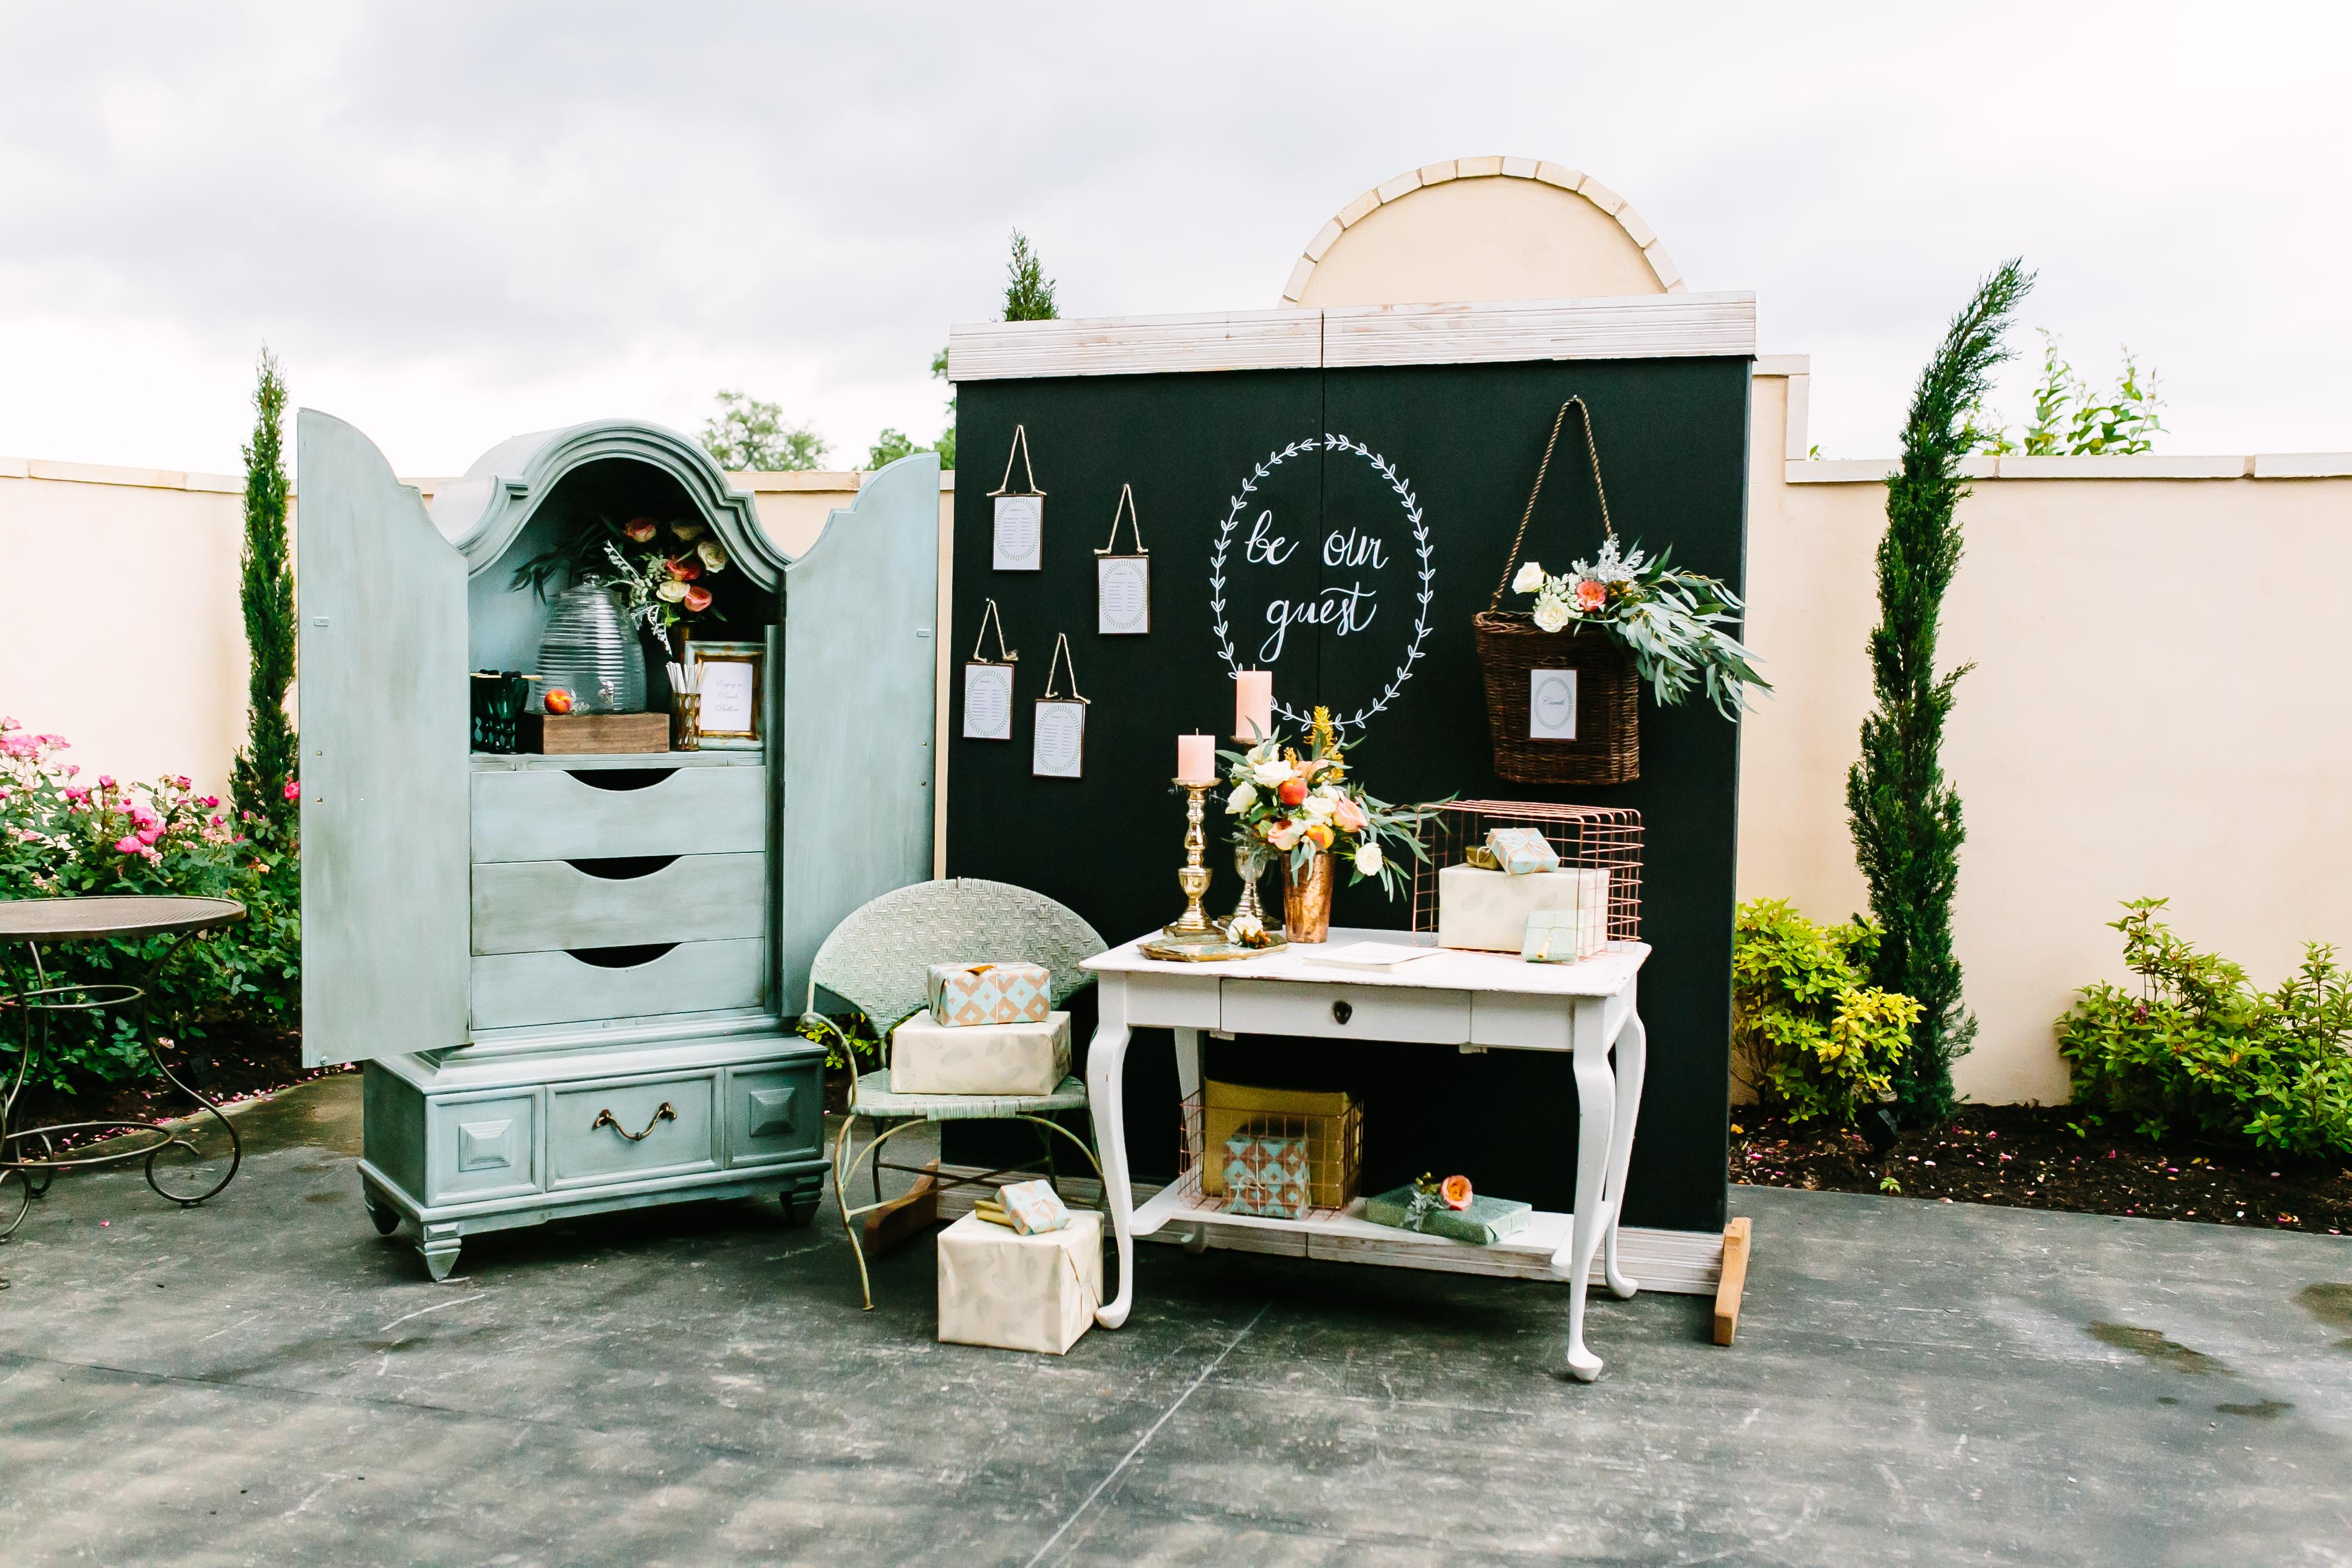 muebles-Busca-inspiracion-para-tu-boda-en-Instagram-portal-luna-de-miel